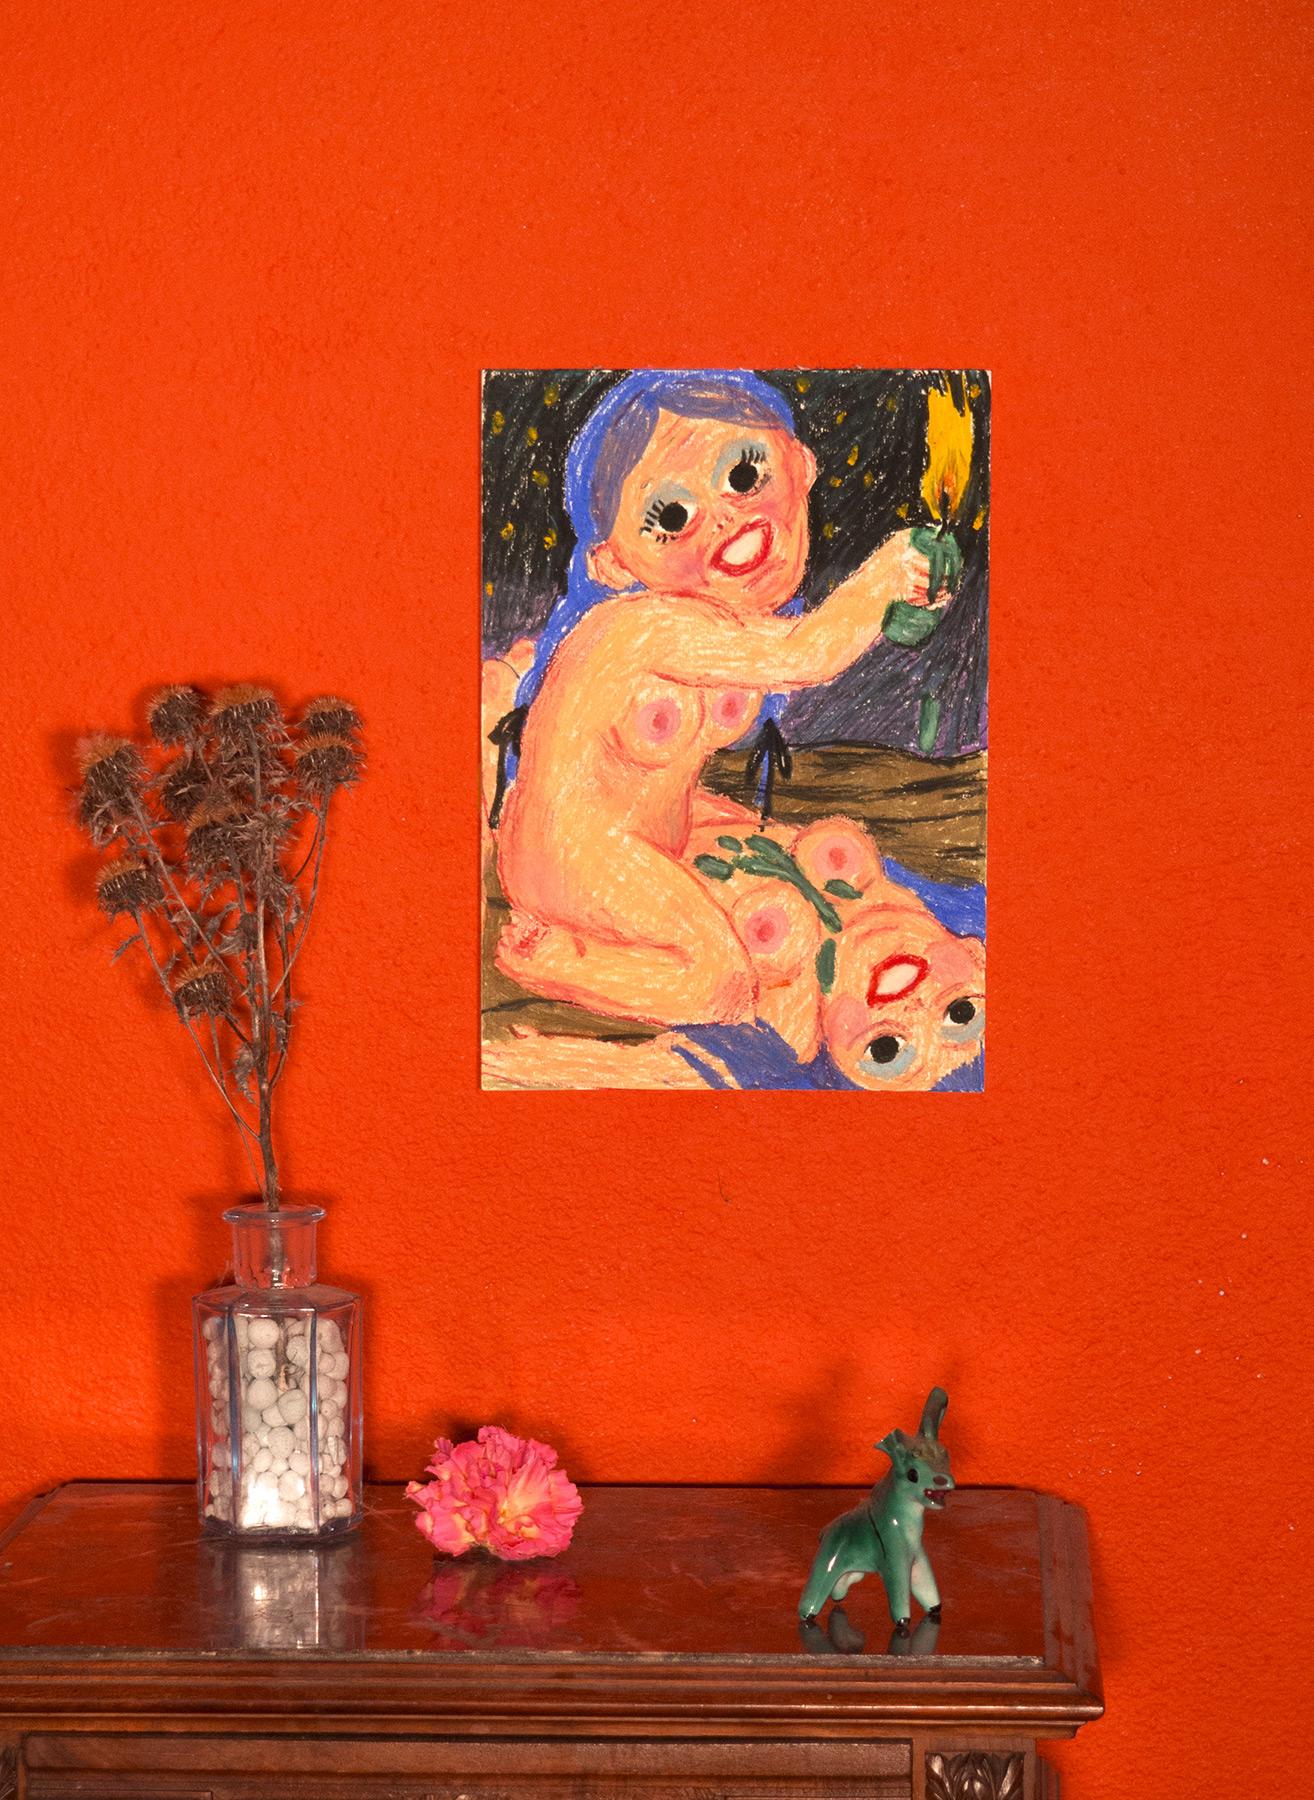 tegninger, farverige, figurative, illustrative, portræt, kroppe, humor, stemninger, natur, religion, vilde-dyr, beige, sorte, blå, brune, røde, papir, olie, sjove, dansk, design, erotiske, kvindelig, feminist, interiør, bolig-indretning, natteliv, nordisk, nøgen, skandinavisk, seksuel, underlig, kvinder, Køb original kunst og kunstplakater. Malerier, tegninger, limited edition kunsttryk & plakater af dygtige kunstnere.